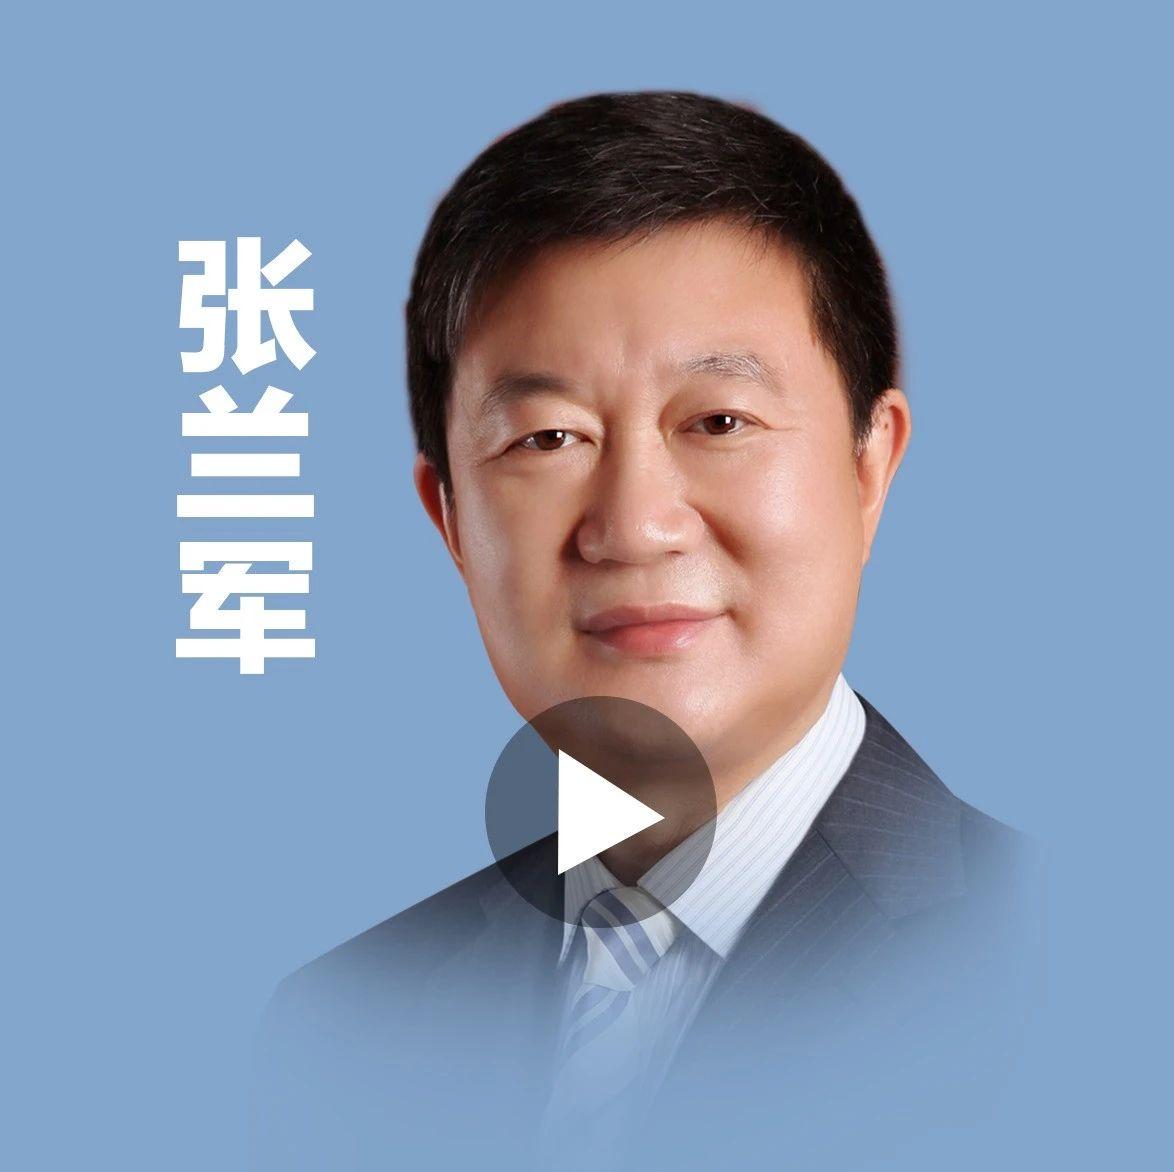 明日直播丨中山大学肿瘤防治中心肺癌首席专家张兰军教授谈肺结节